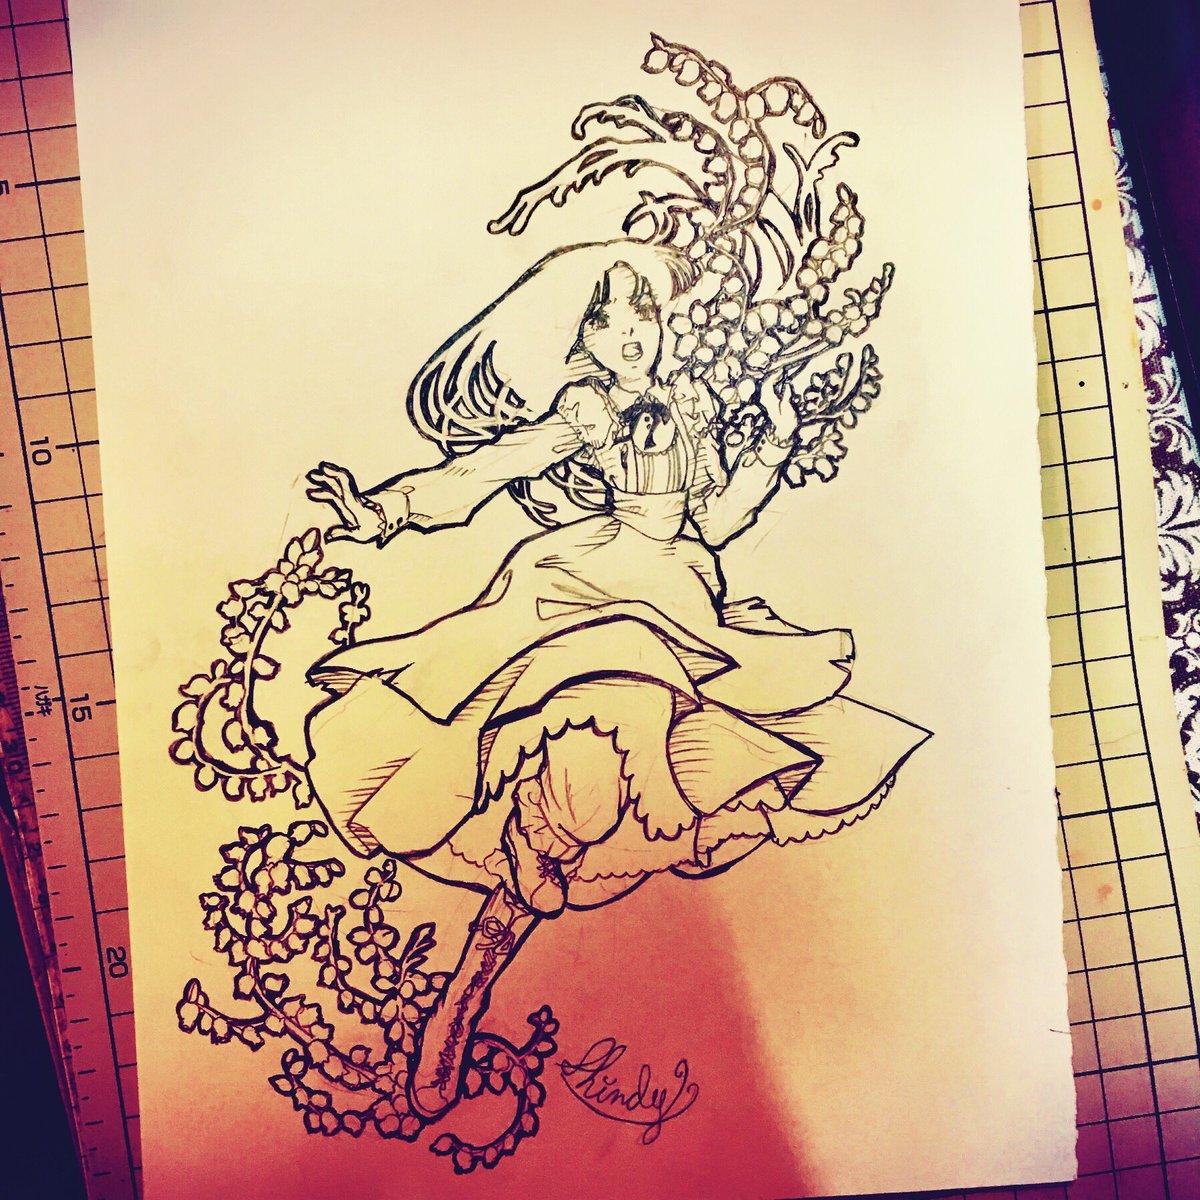 【お絵かき】#ガラスの仮面 #北島マヤ『嵐が丘』より キャサリン[ヒース/花言葉:孤独・博愛・裏切り・私らしく]#鉛筆画